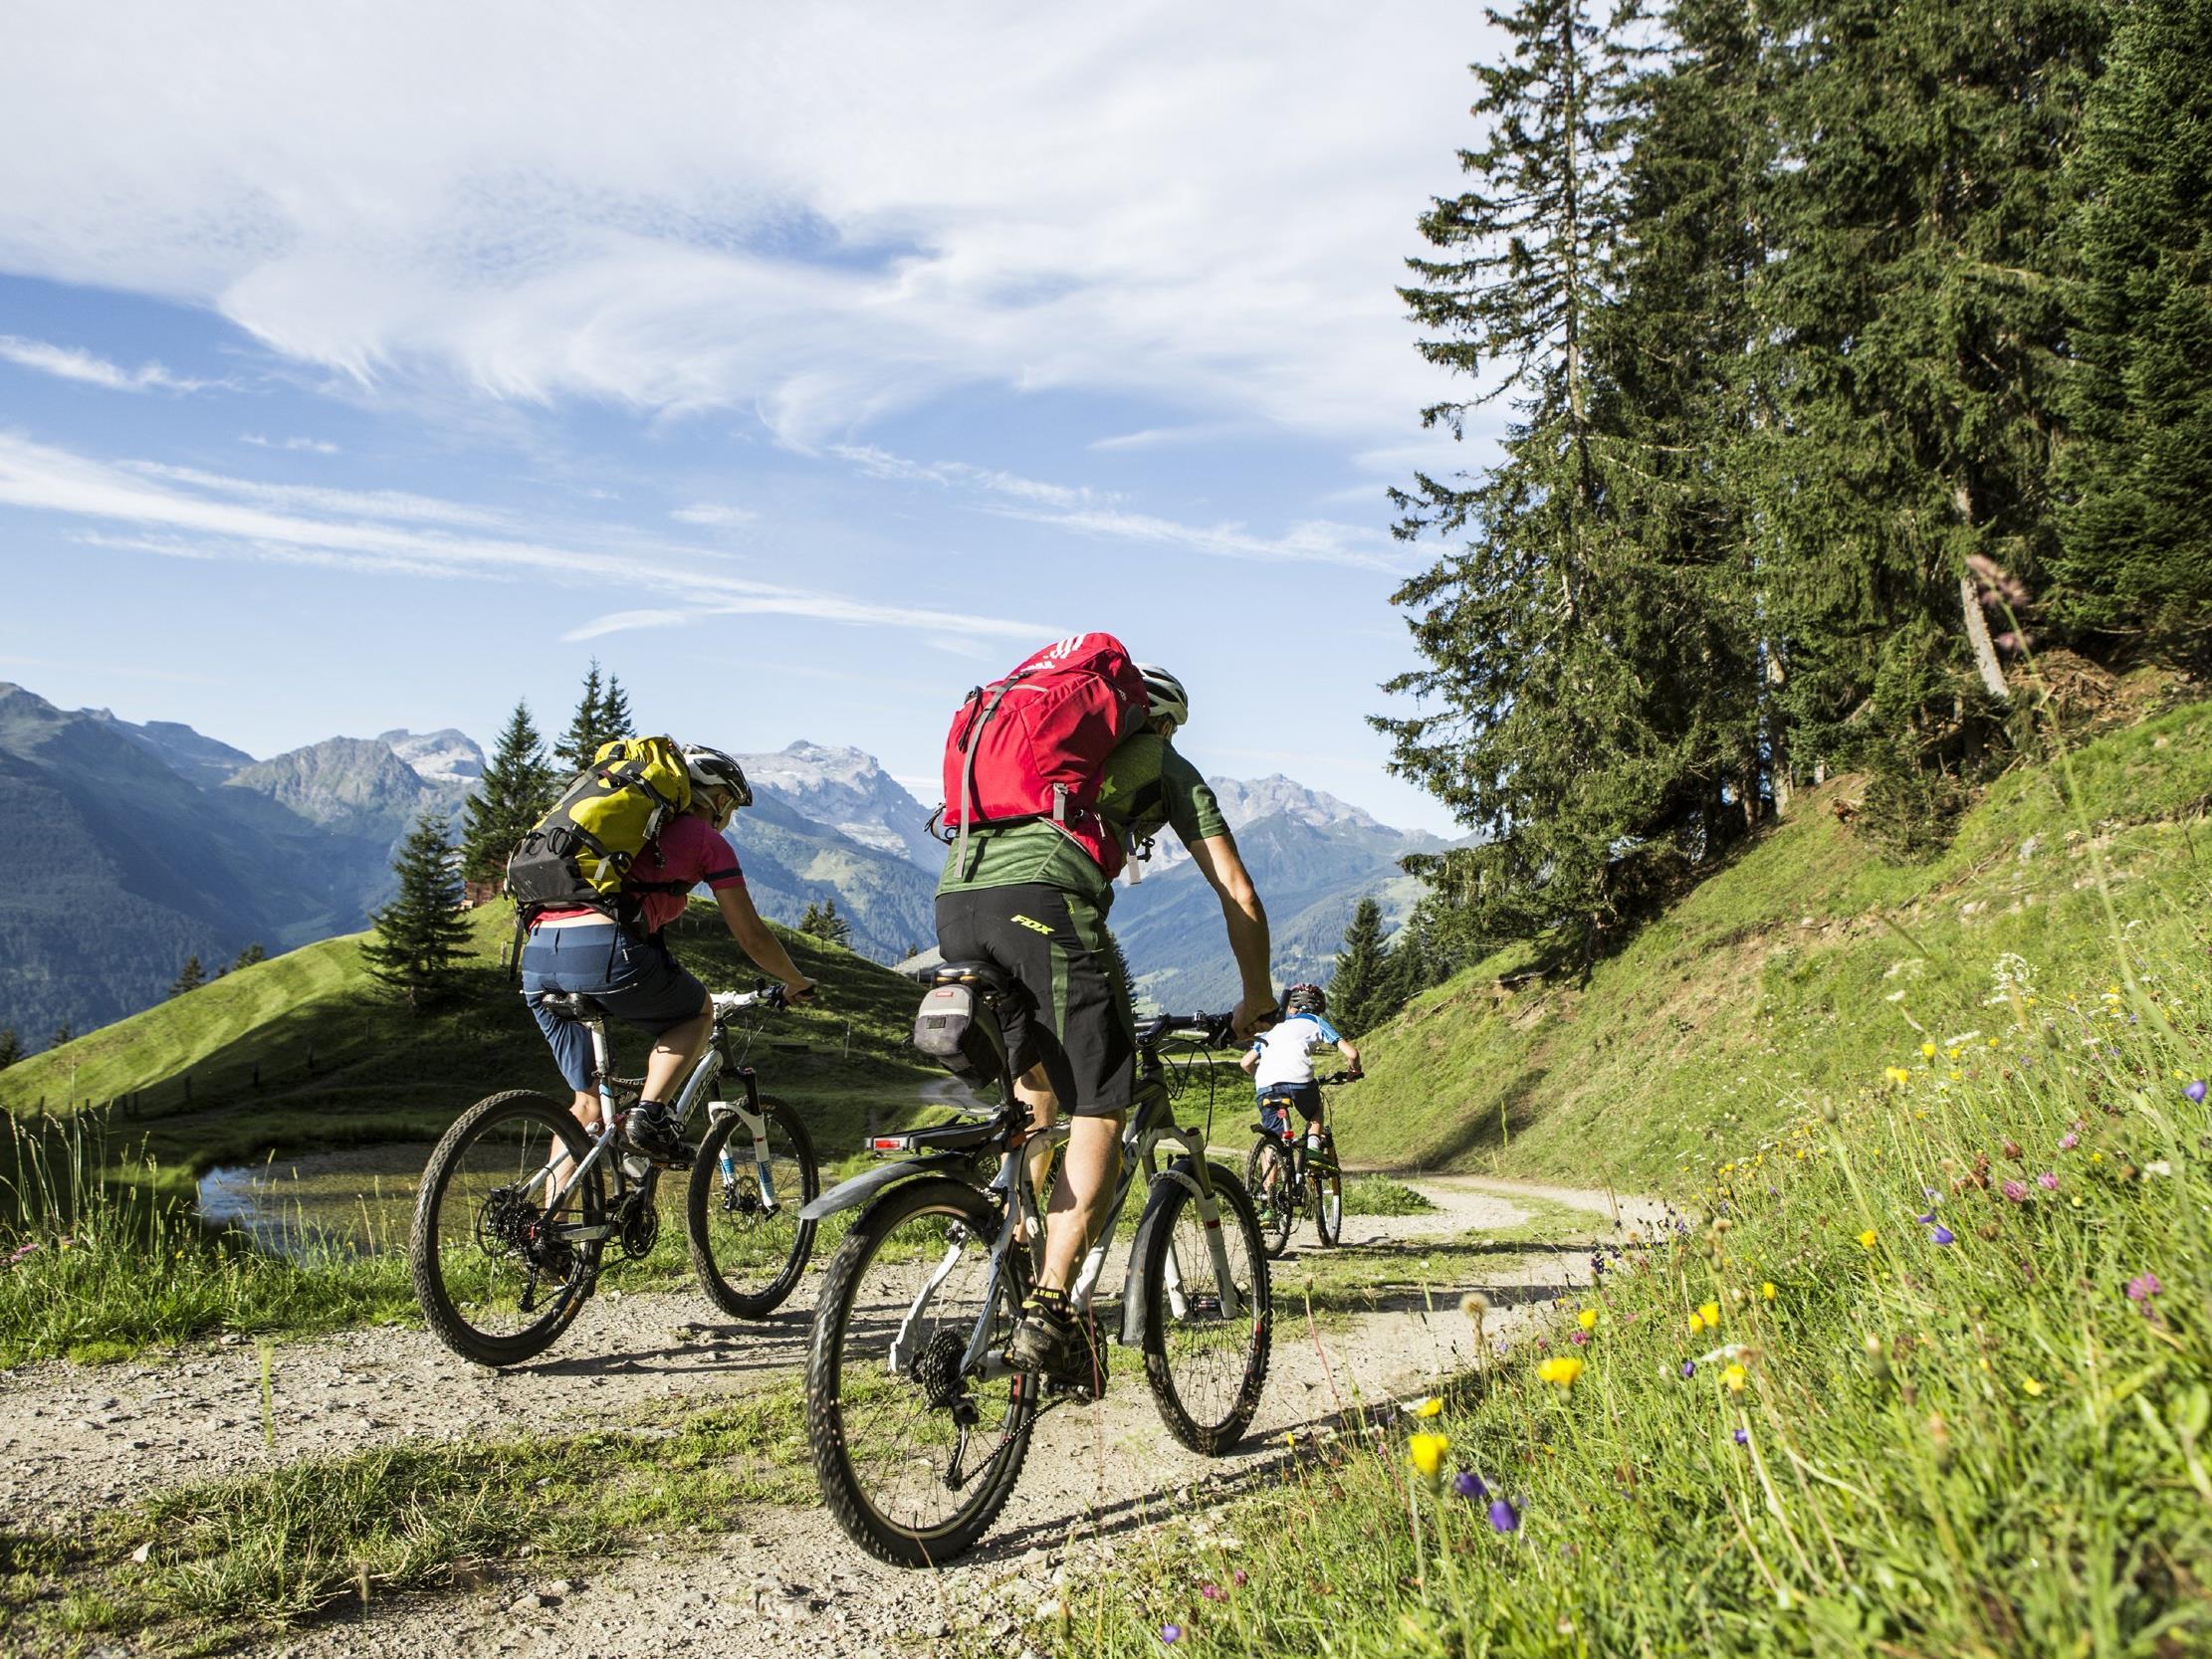 Die Beachtung einiger weniger wichtiger Regeln fördert ein friedliches Miteinander von Mountainbikern mit Wanderern, Jagd und Forst.